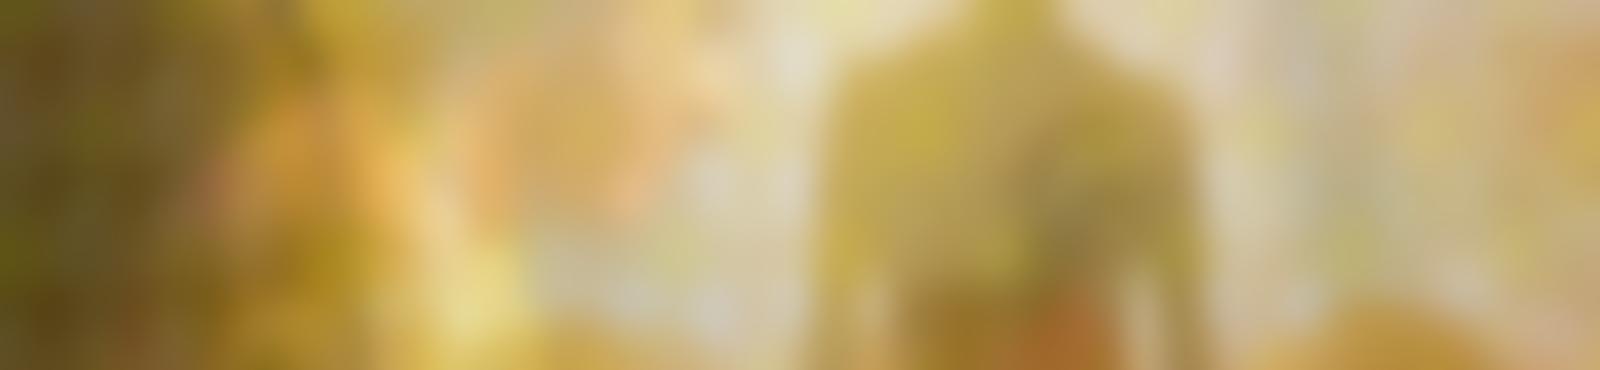 Blurred 849b7183 9305 4d89 bc11 9f6d469816f6